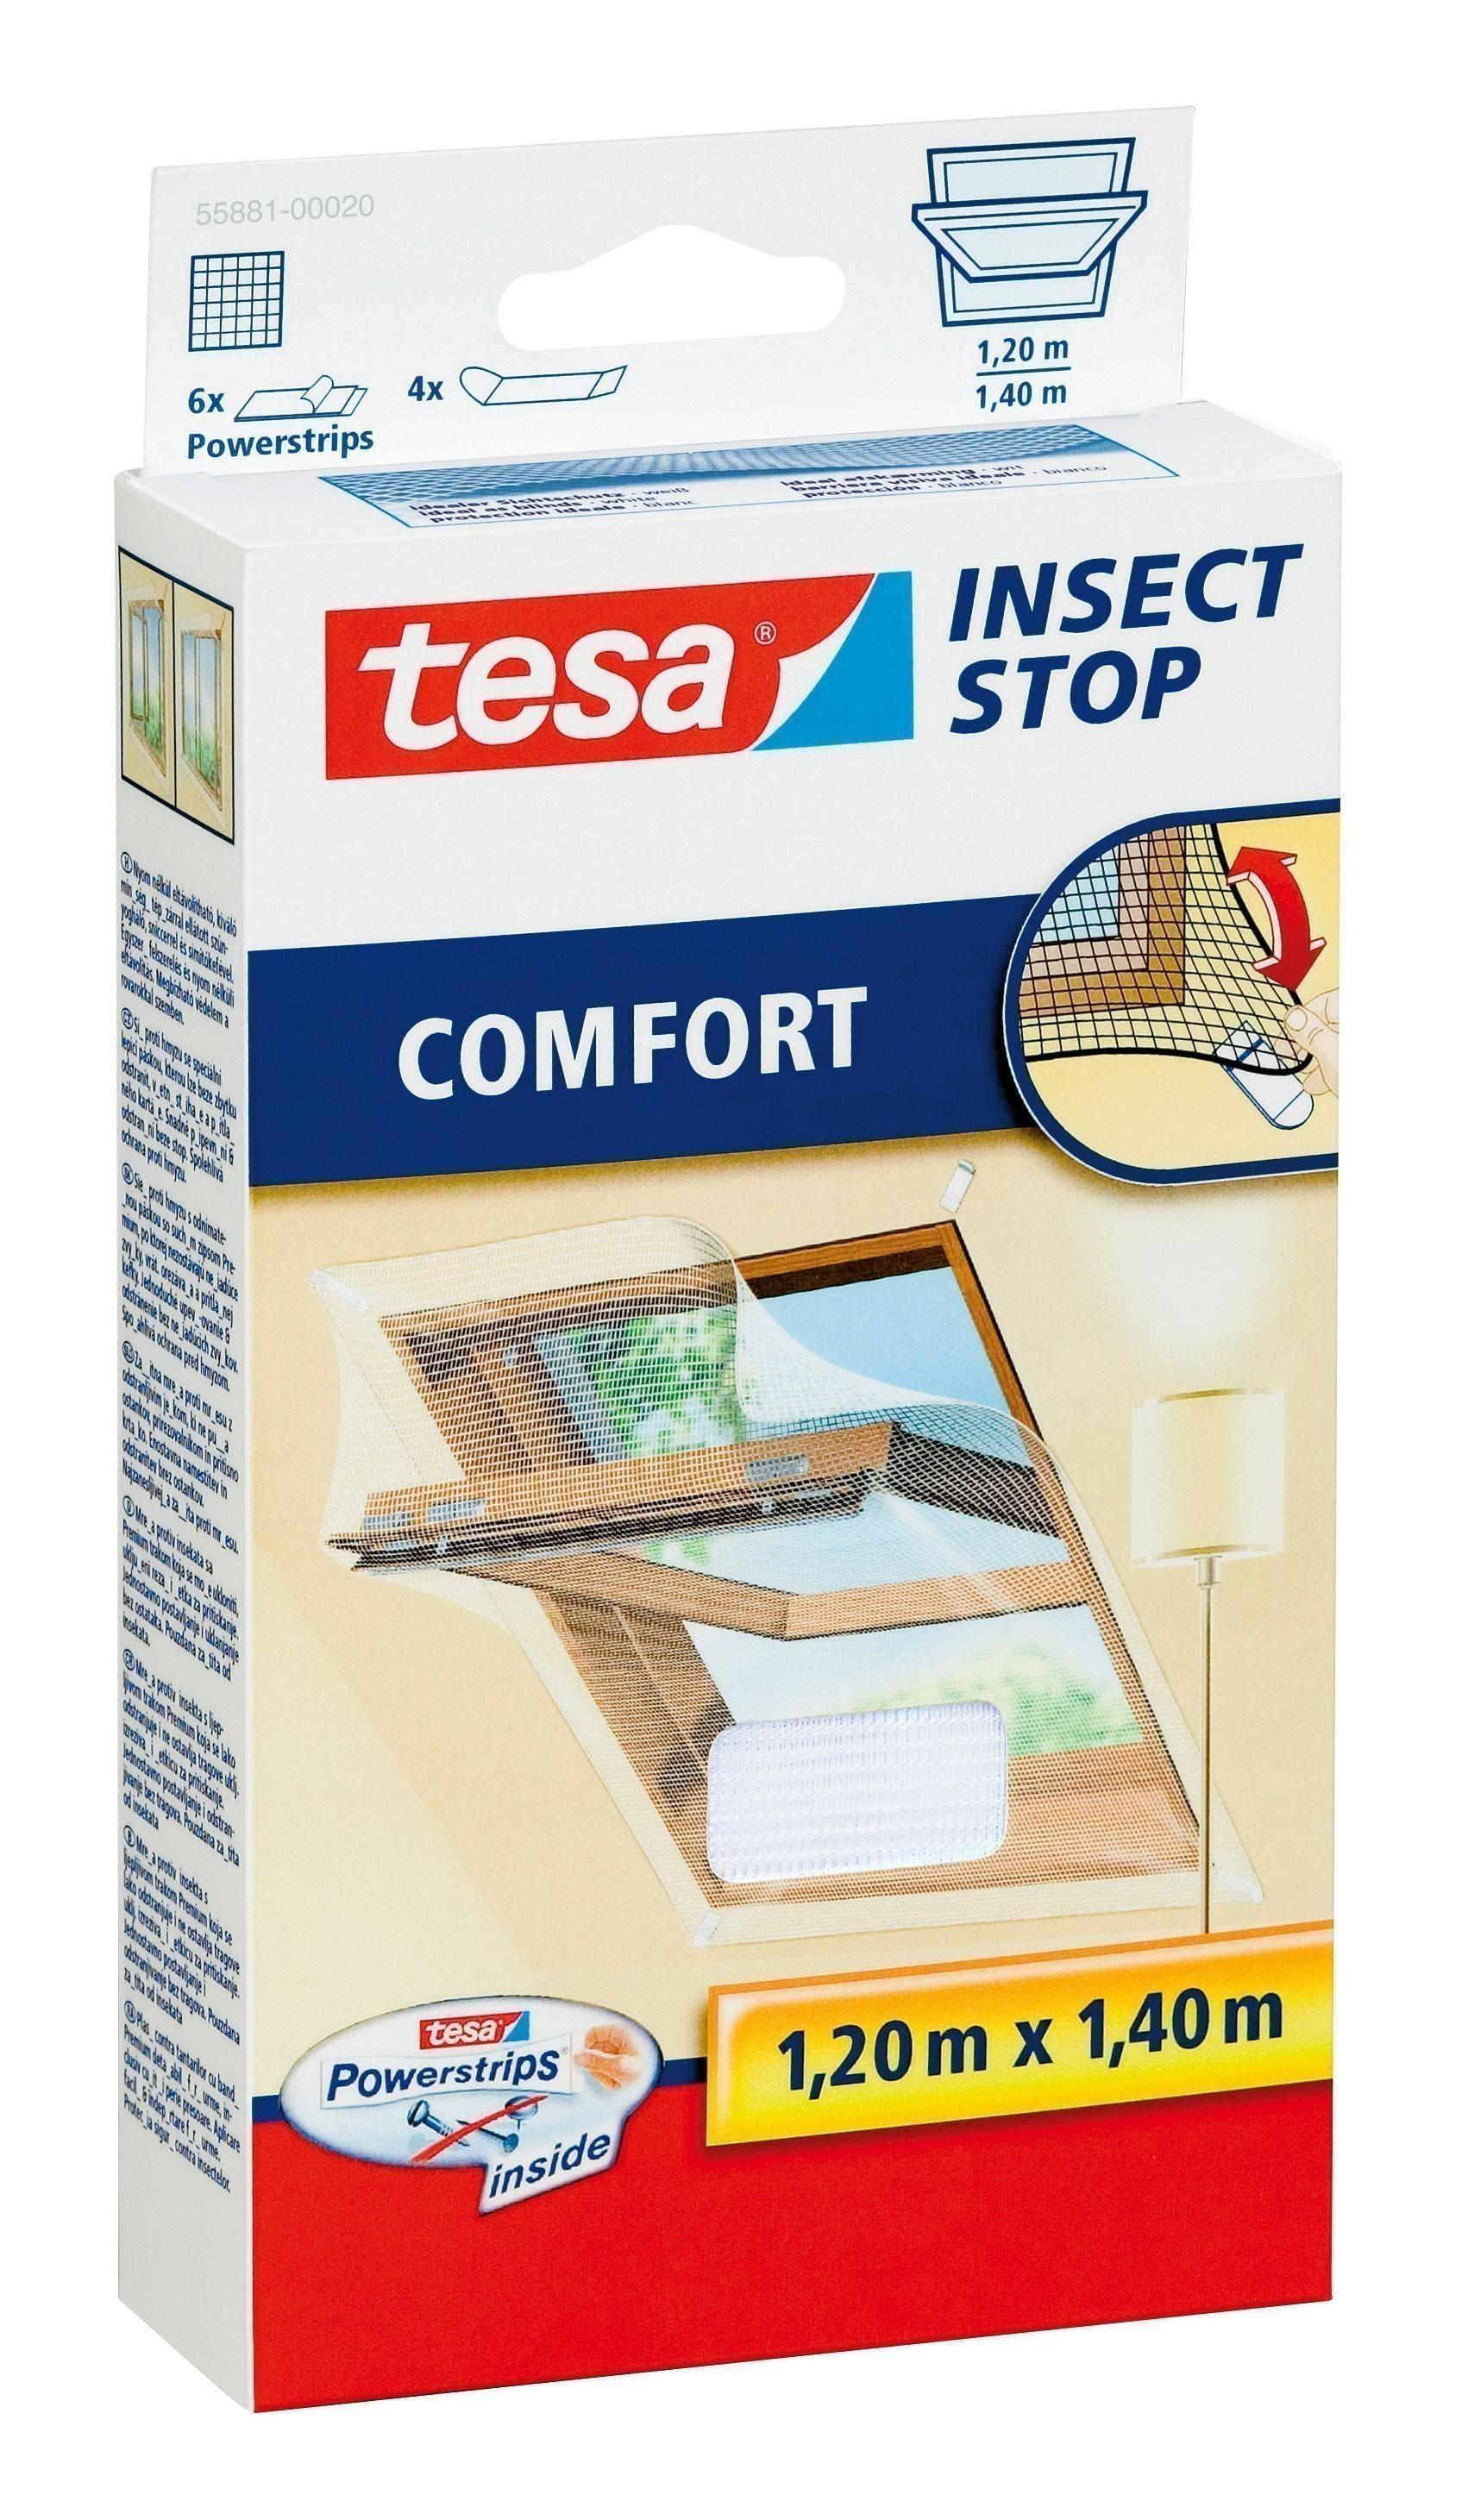 tesa Insect Stop Fliegengitter Comfort für Dachfenster weiß 120x140cm Bild 1